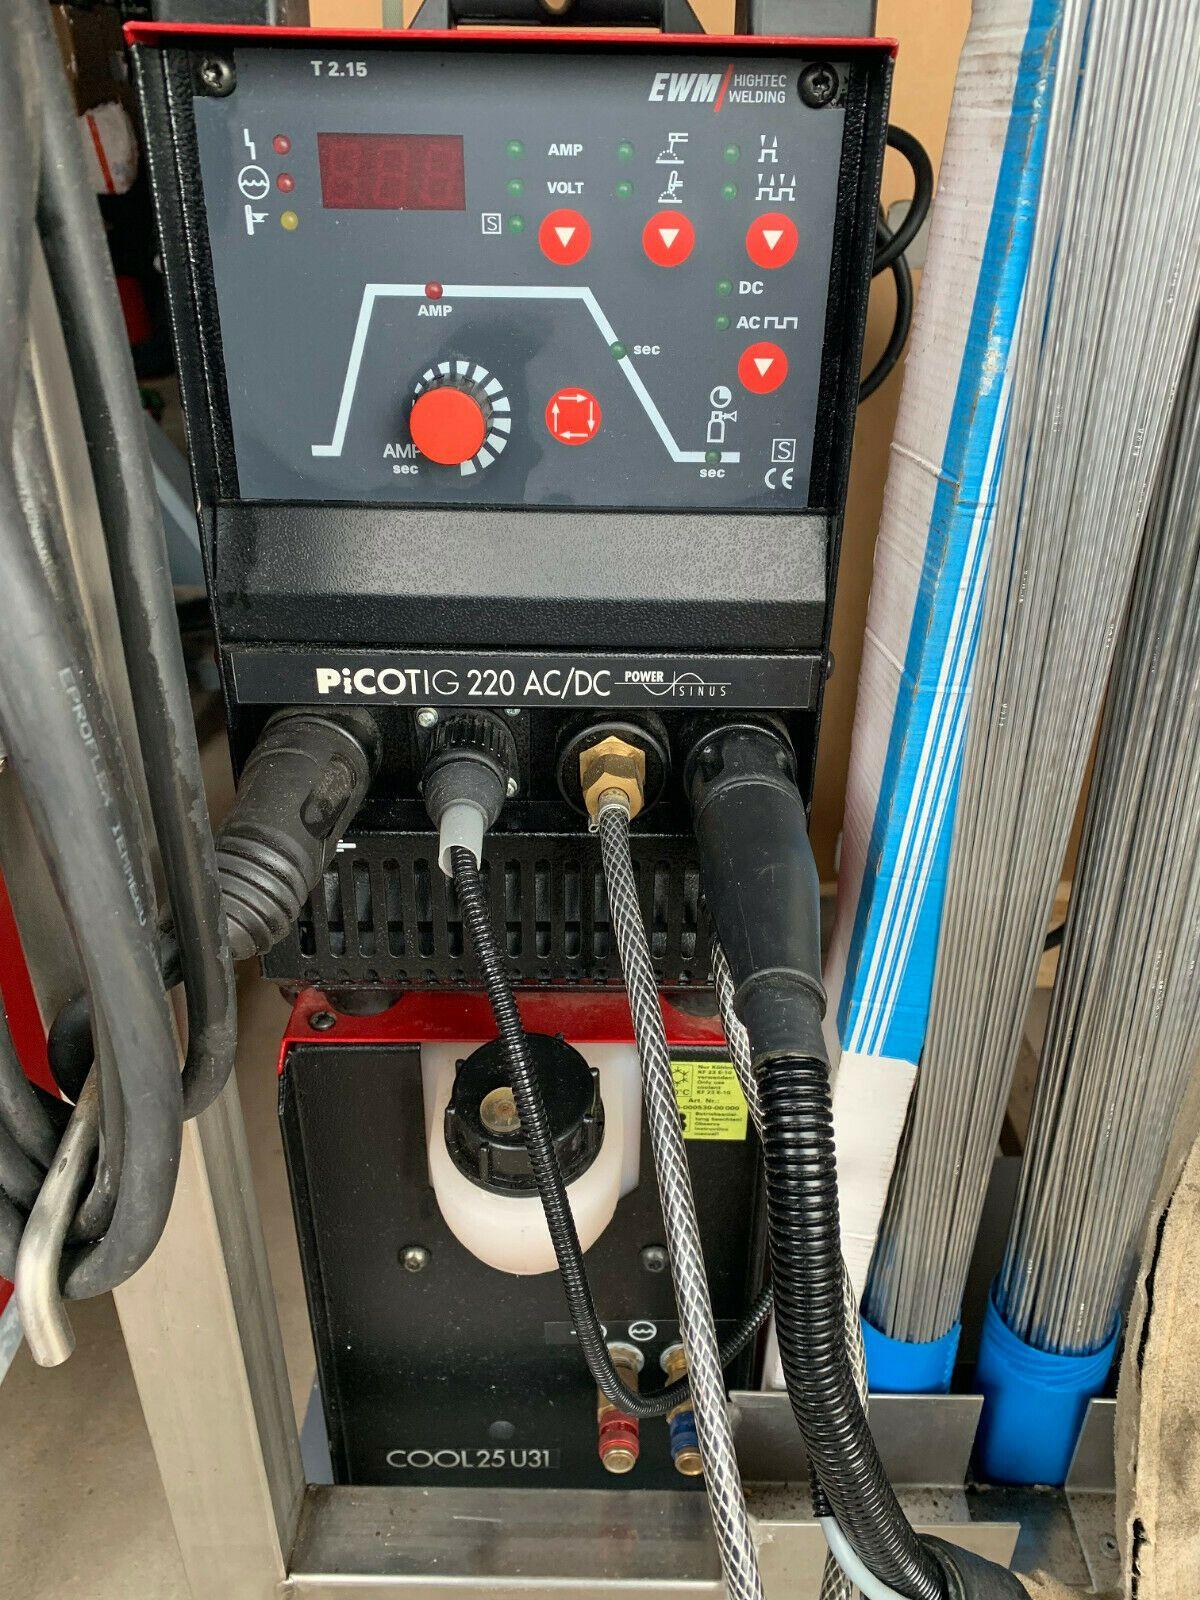 EWM PICOTIG 220 AC / DC WIG Schweißgerät mit COOL 25U31 Wasserkühleinheit ; Top!